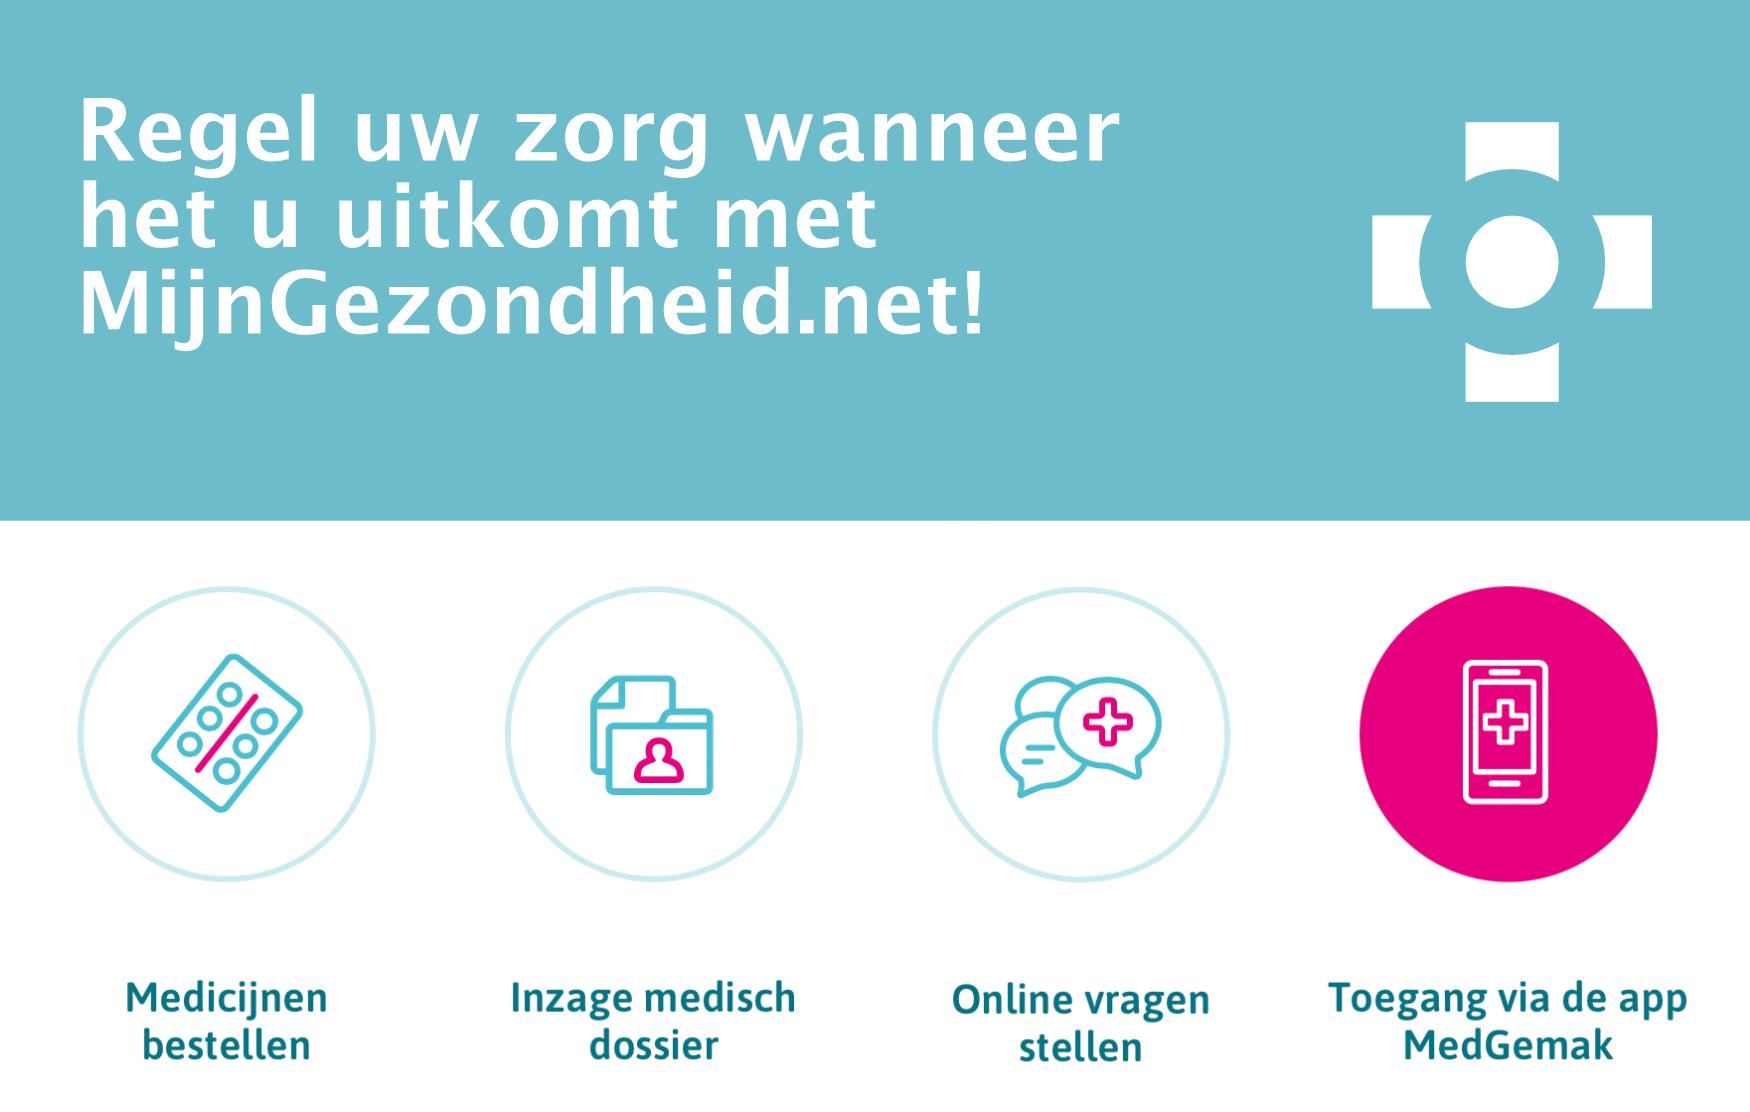 Meer informatie over MijnGezondheid.net